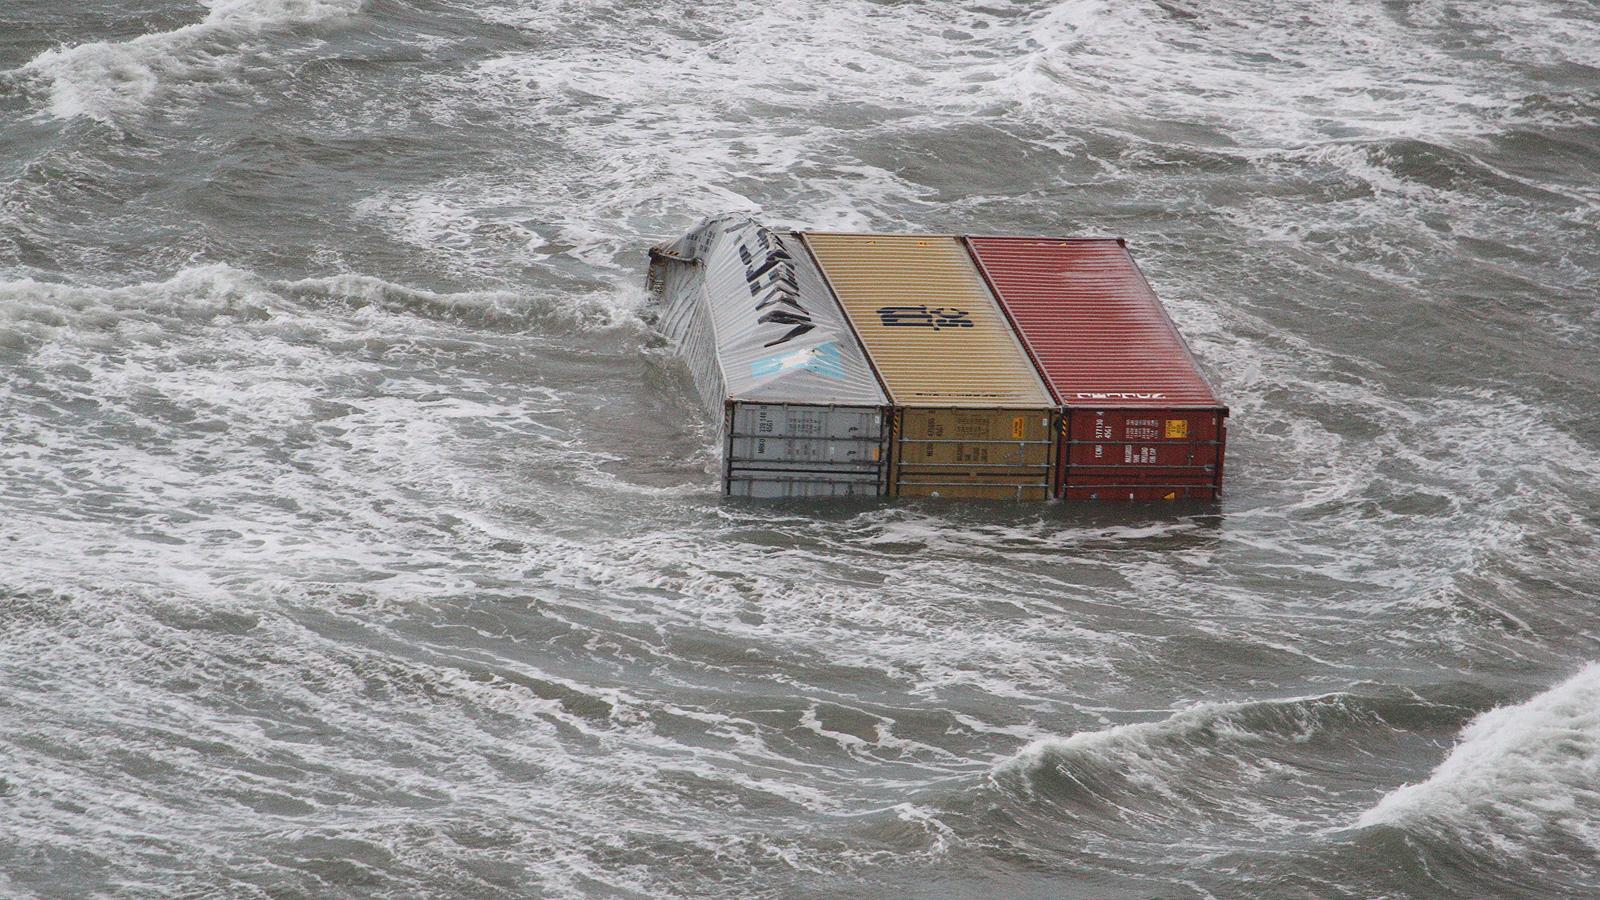 Дар от морето за жителите на Амеланд и Флиланд, след като водите изхвърлиха хиляди ценни предмети.